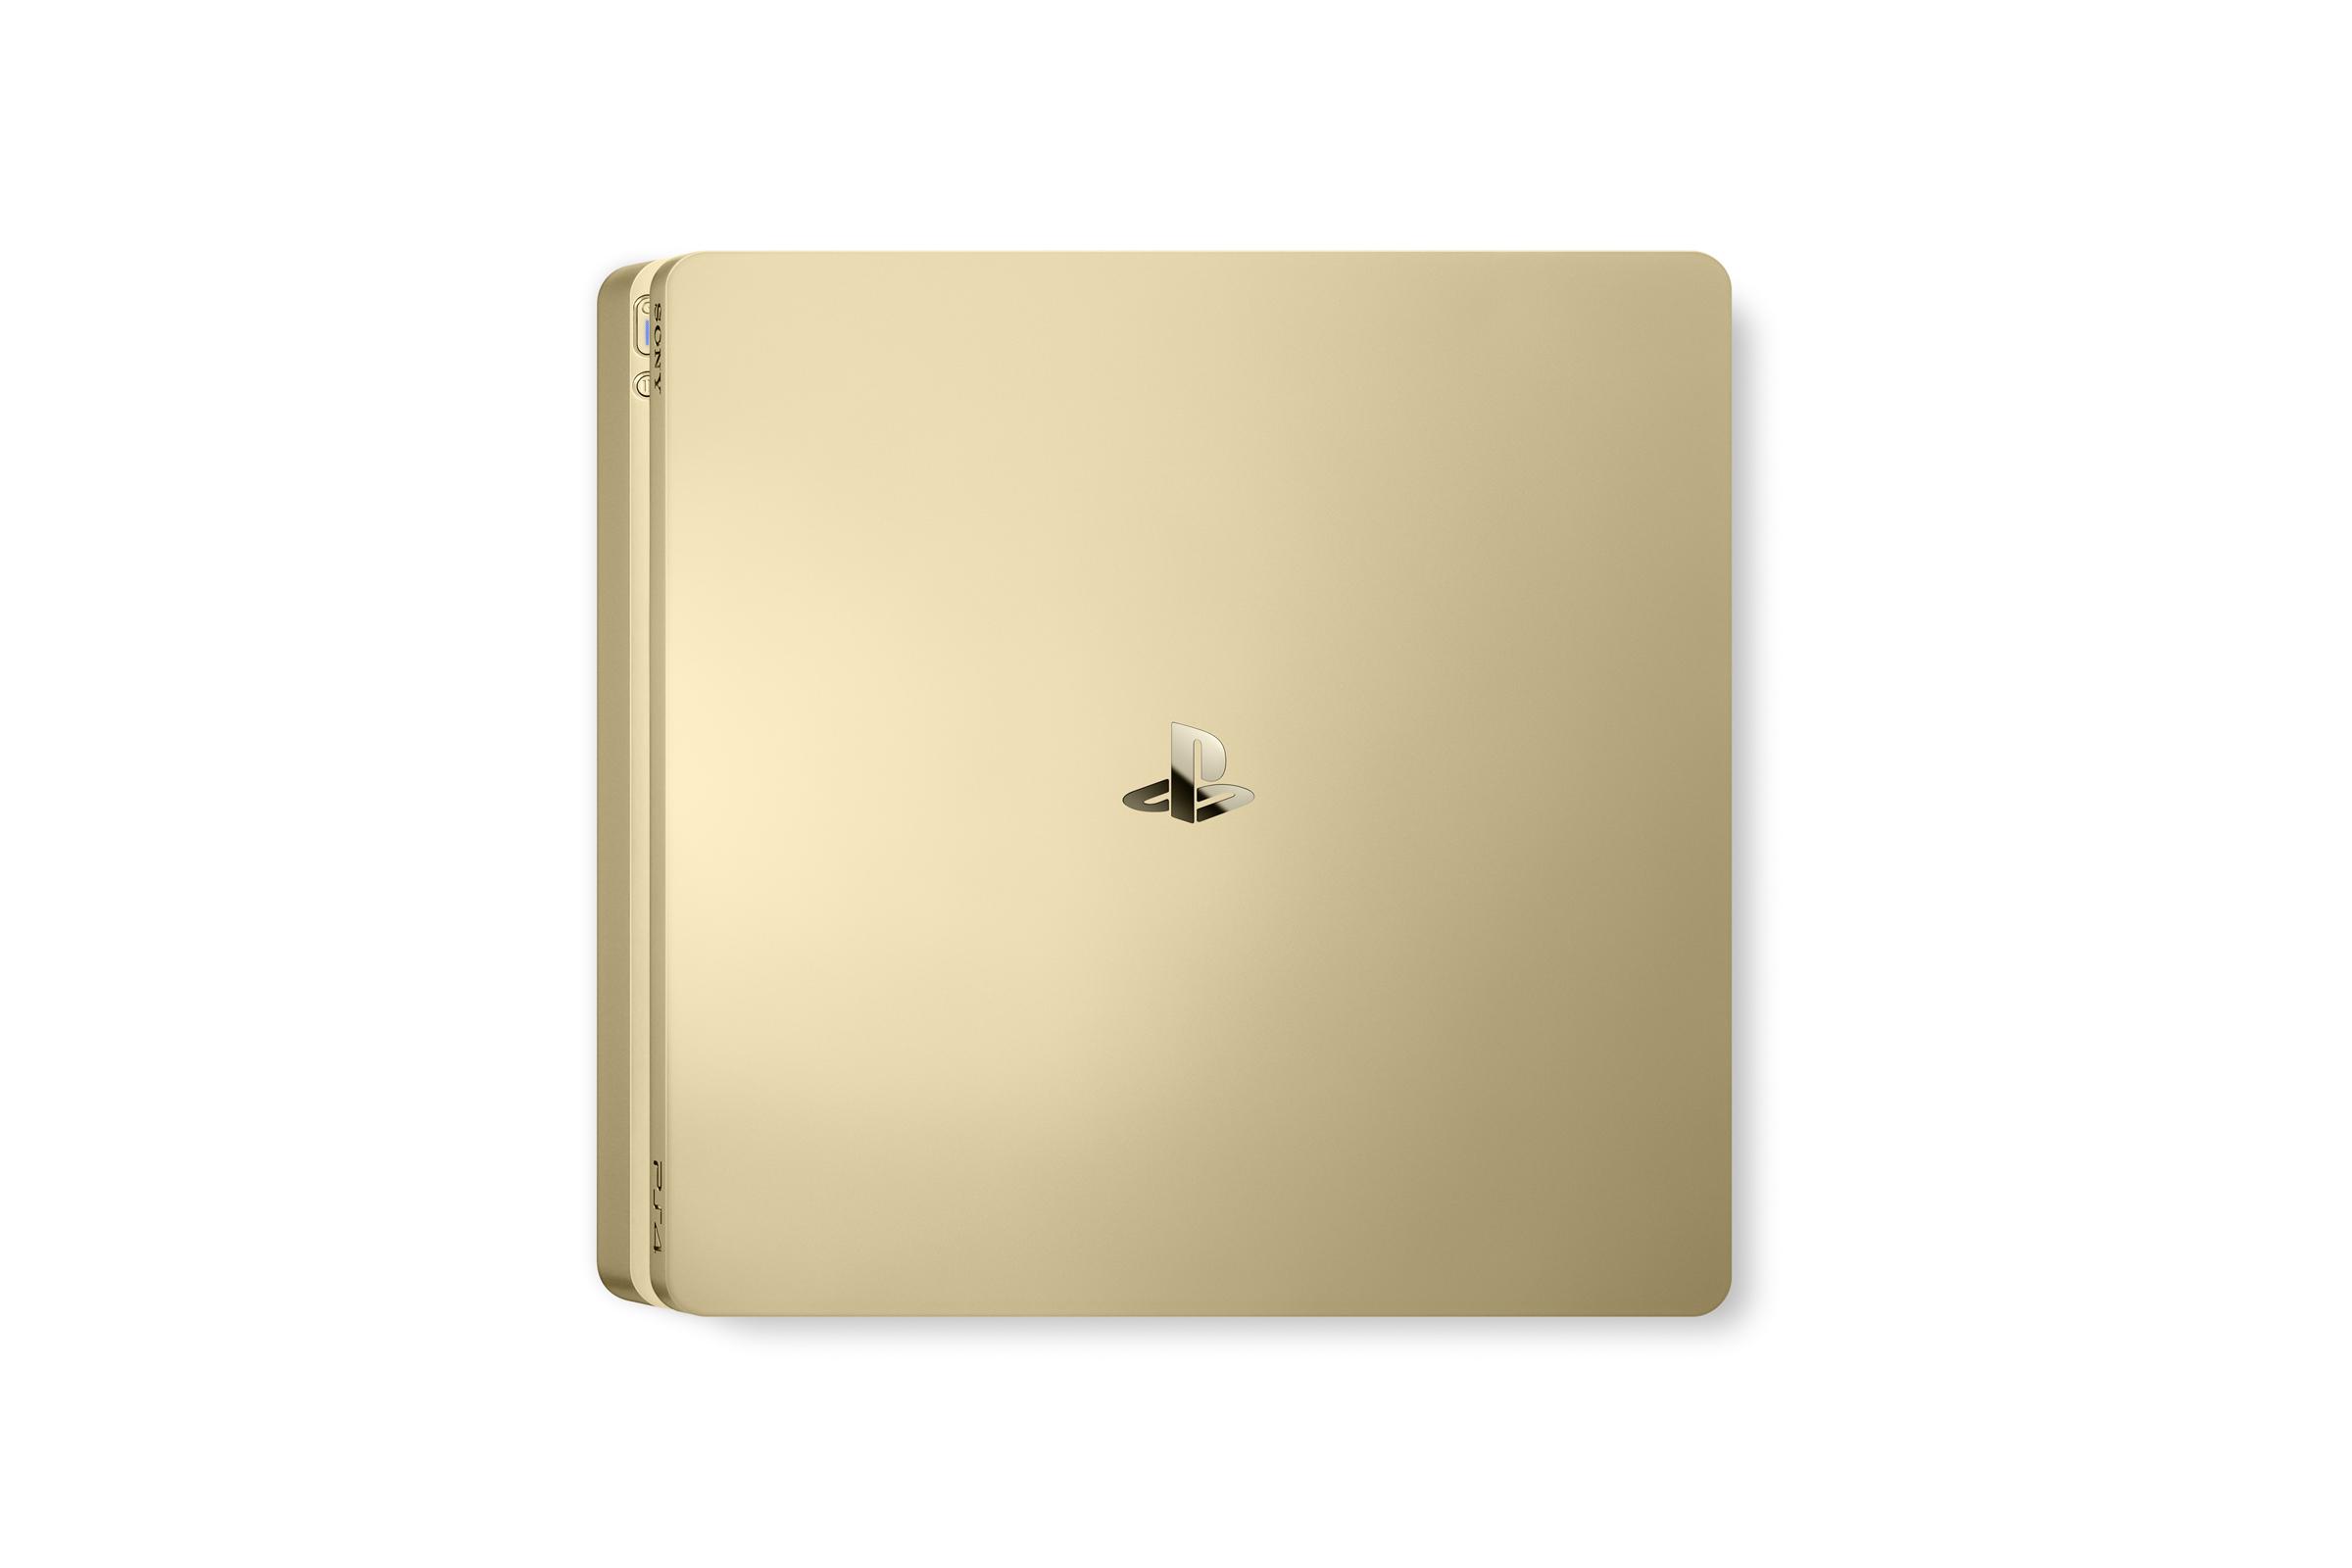 Sortie prochaine des ps4 ditions limit es gold et silver - Prochaine sortie console ps4 ...